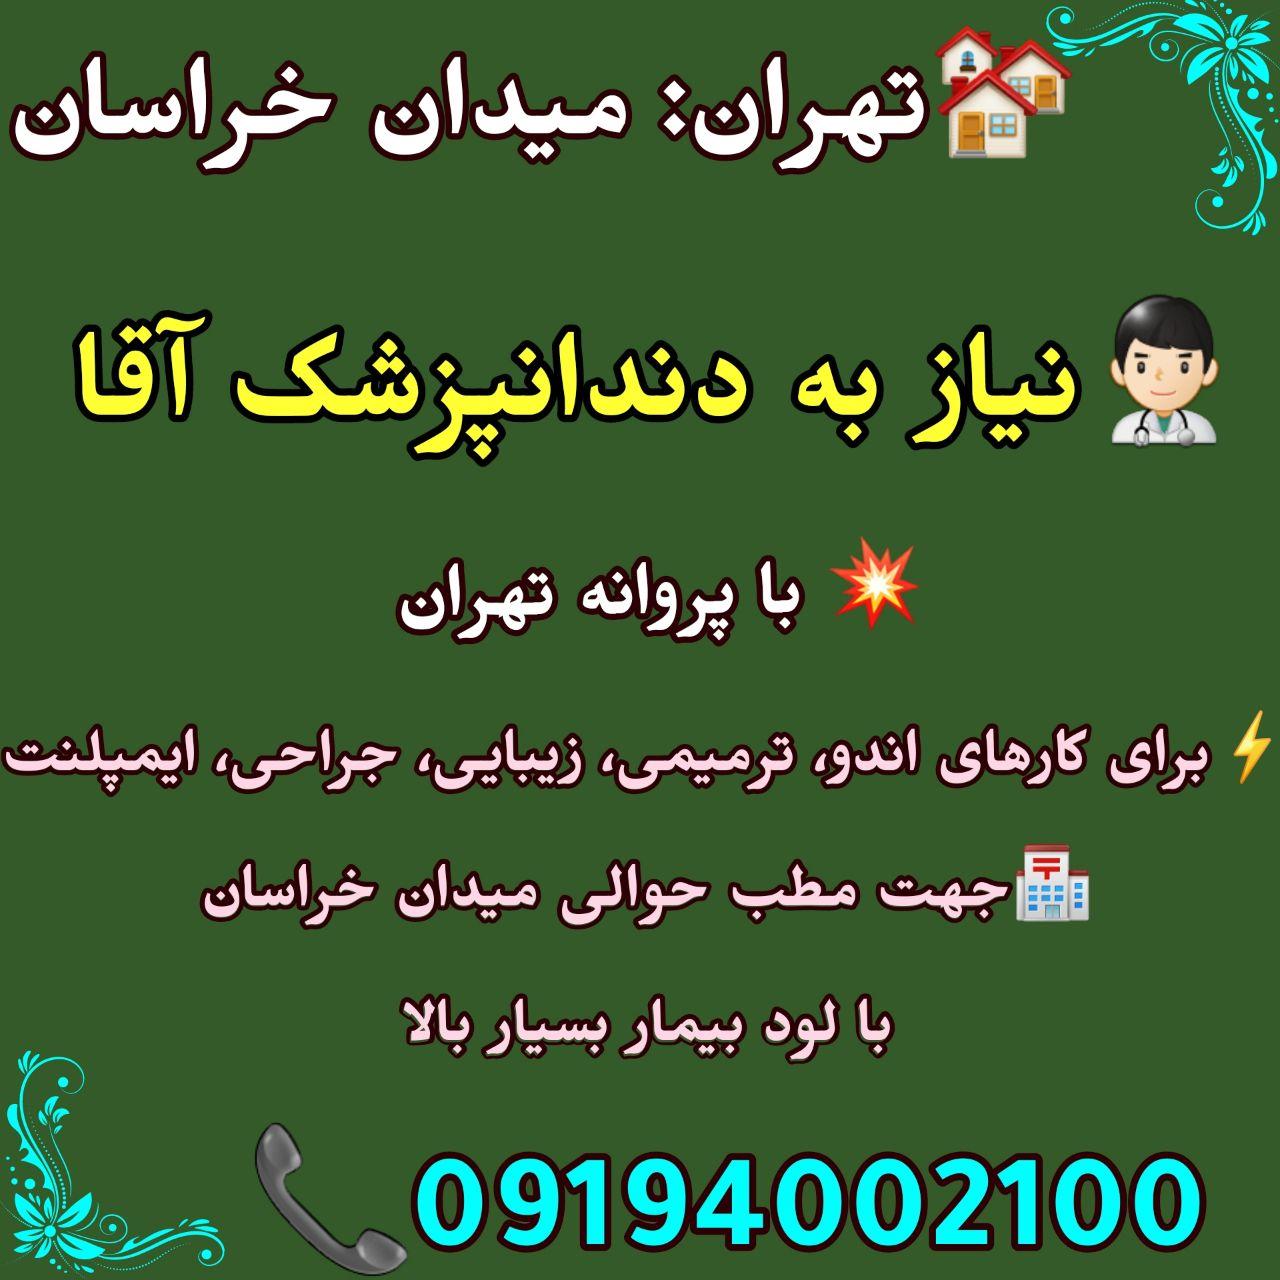 تهران: میدان خراسان، نیاز به دندانپزشک آقا